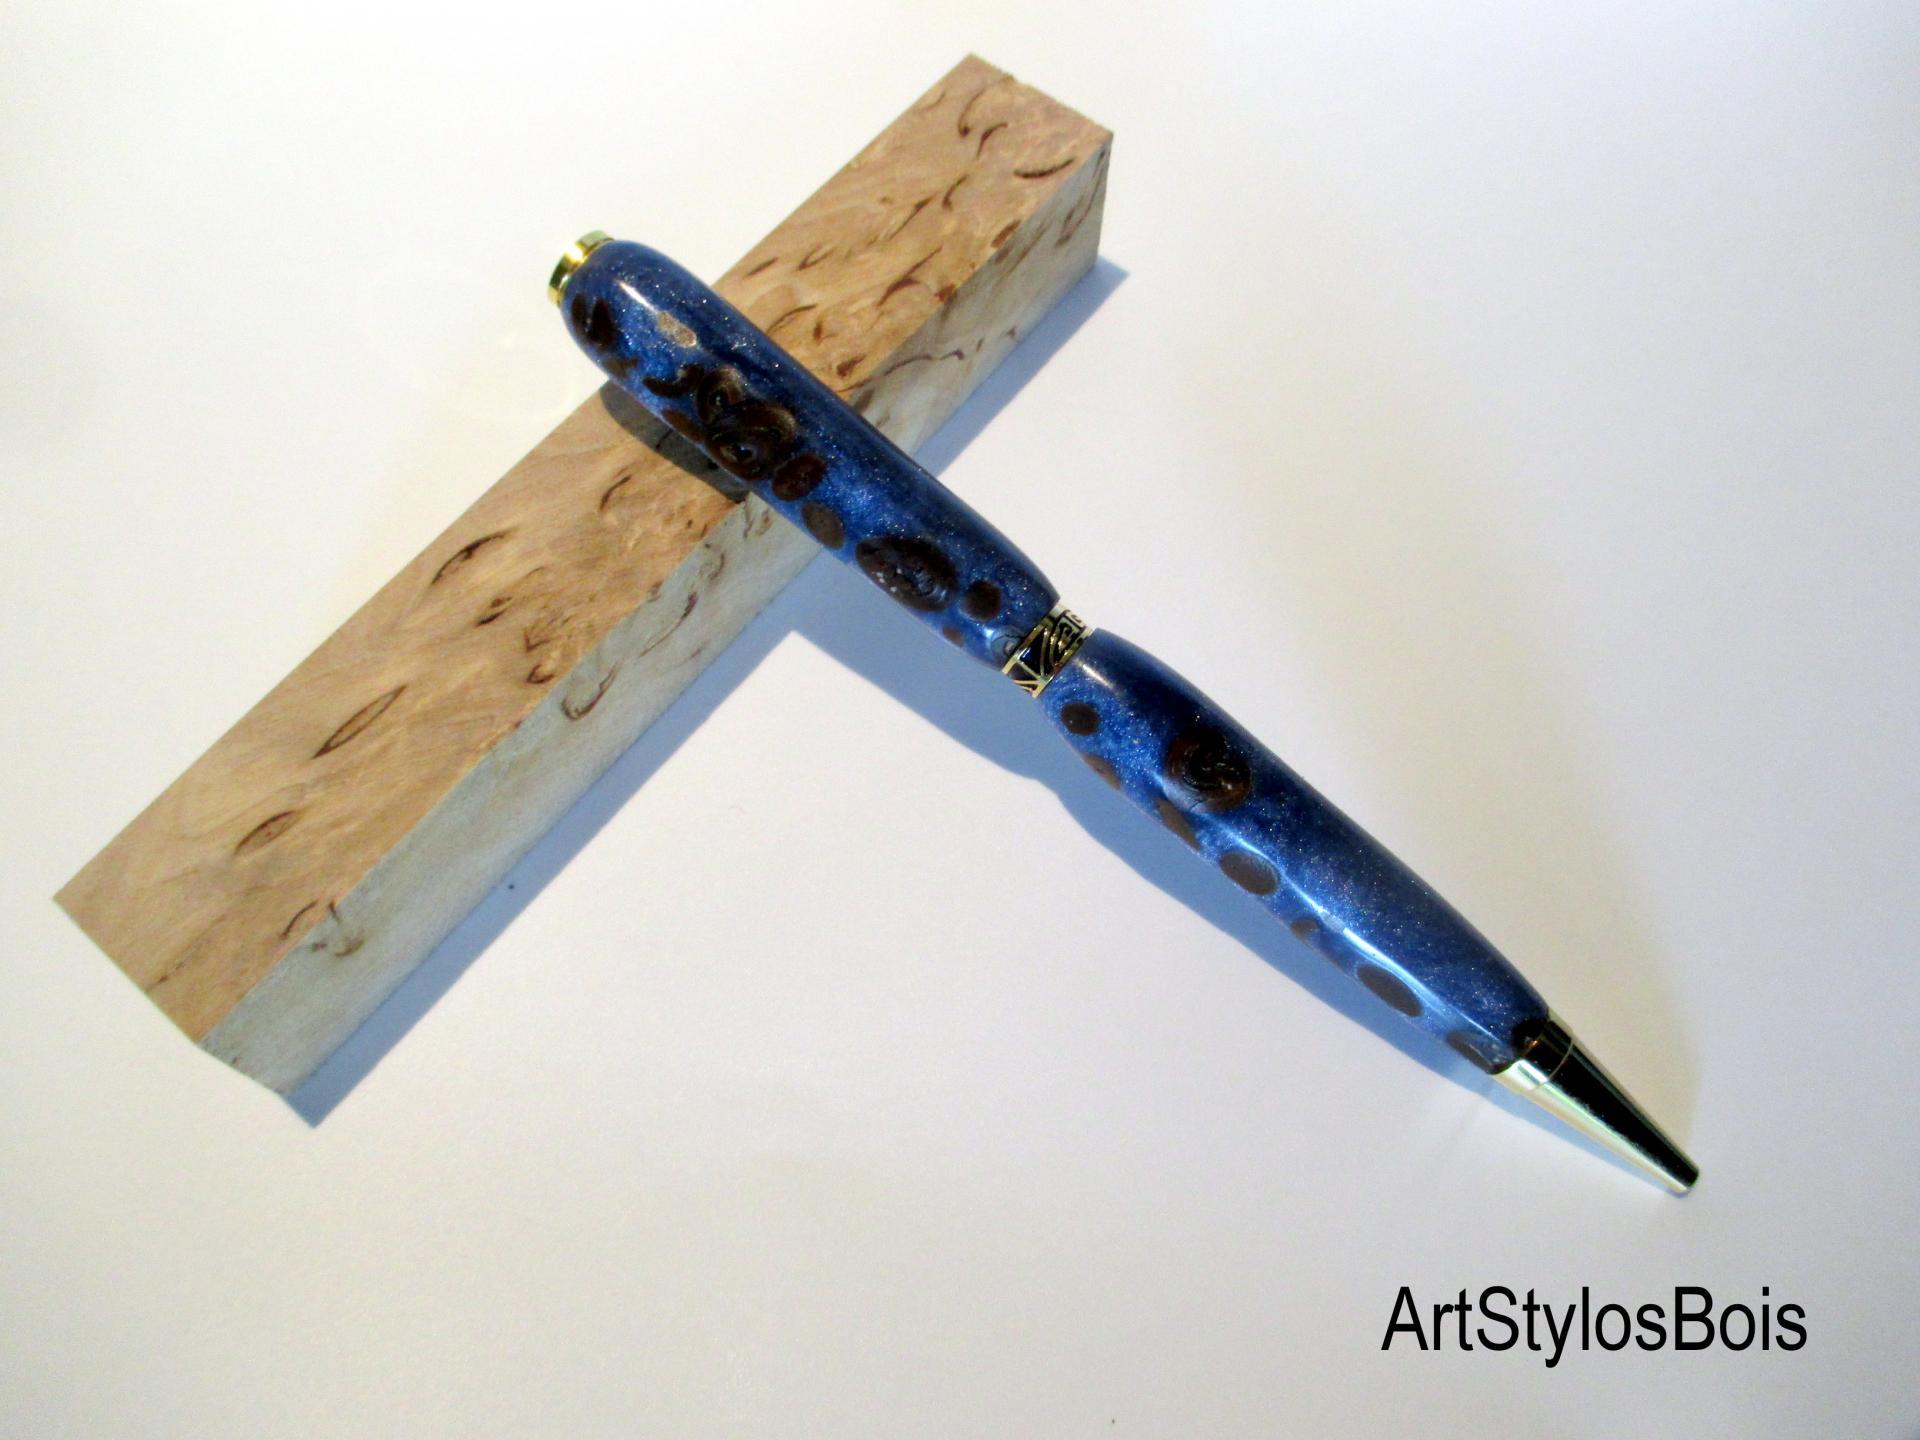 https://www.artstylosbois.com/boutique/les-stylos/stylos-hybrides/grains-cafe.html